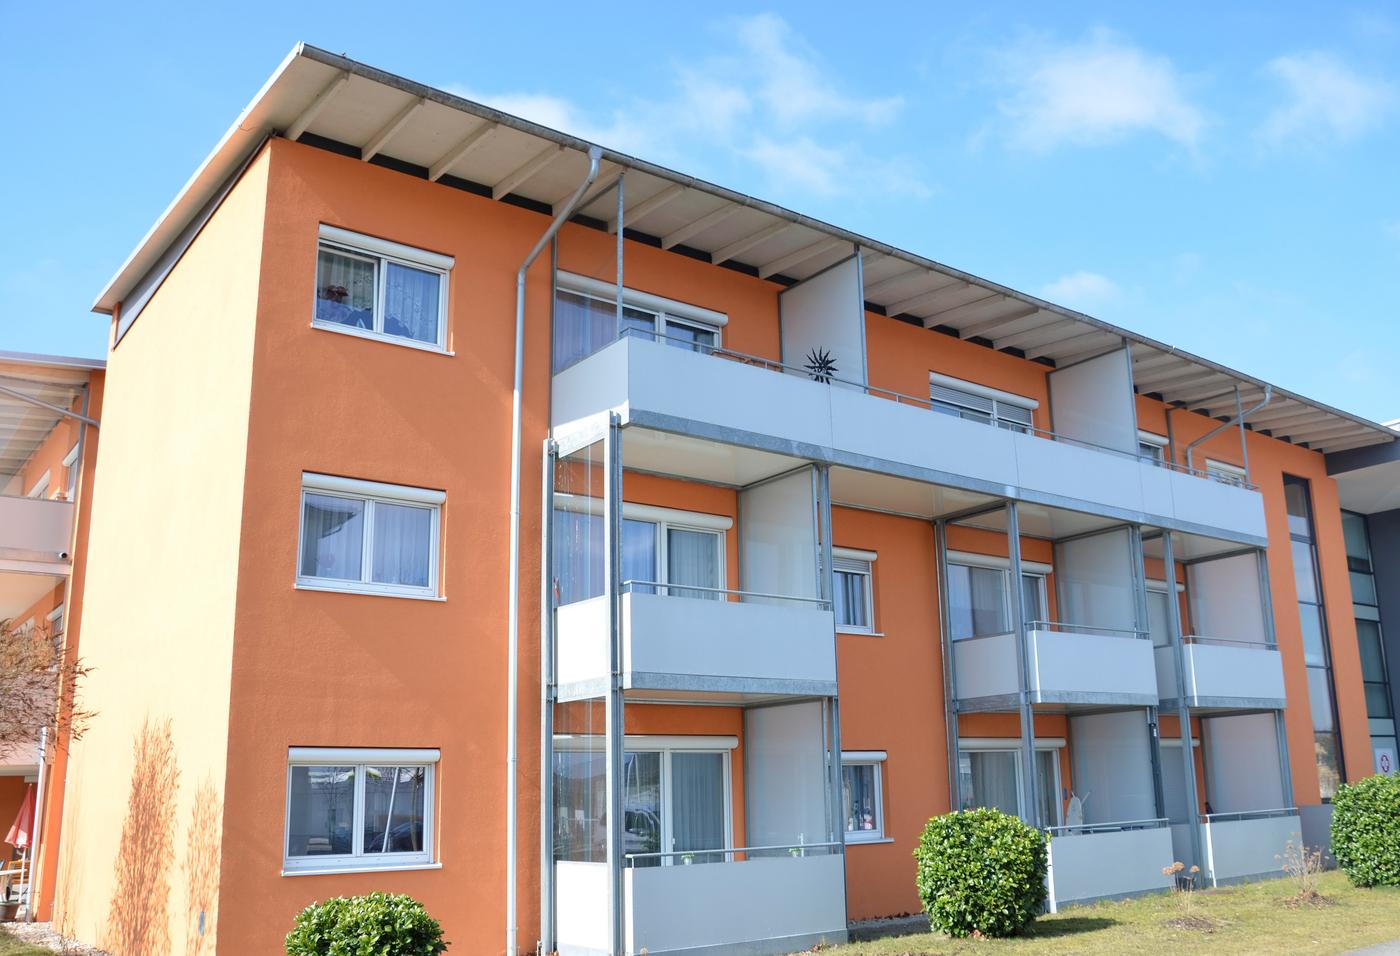 Oranger Wohnblock mit weißen Balkonen